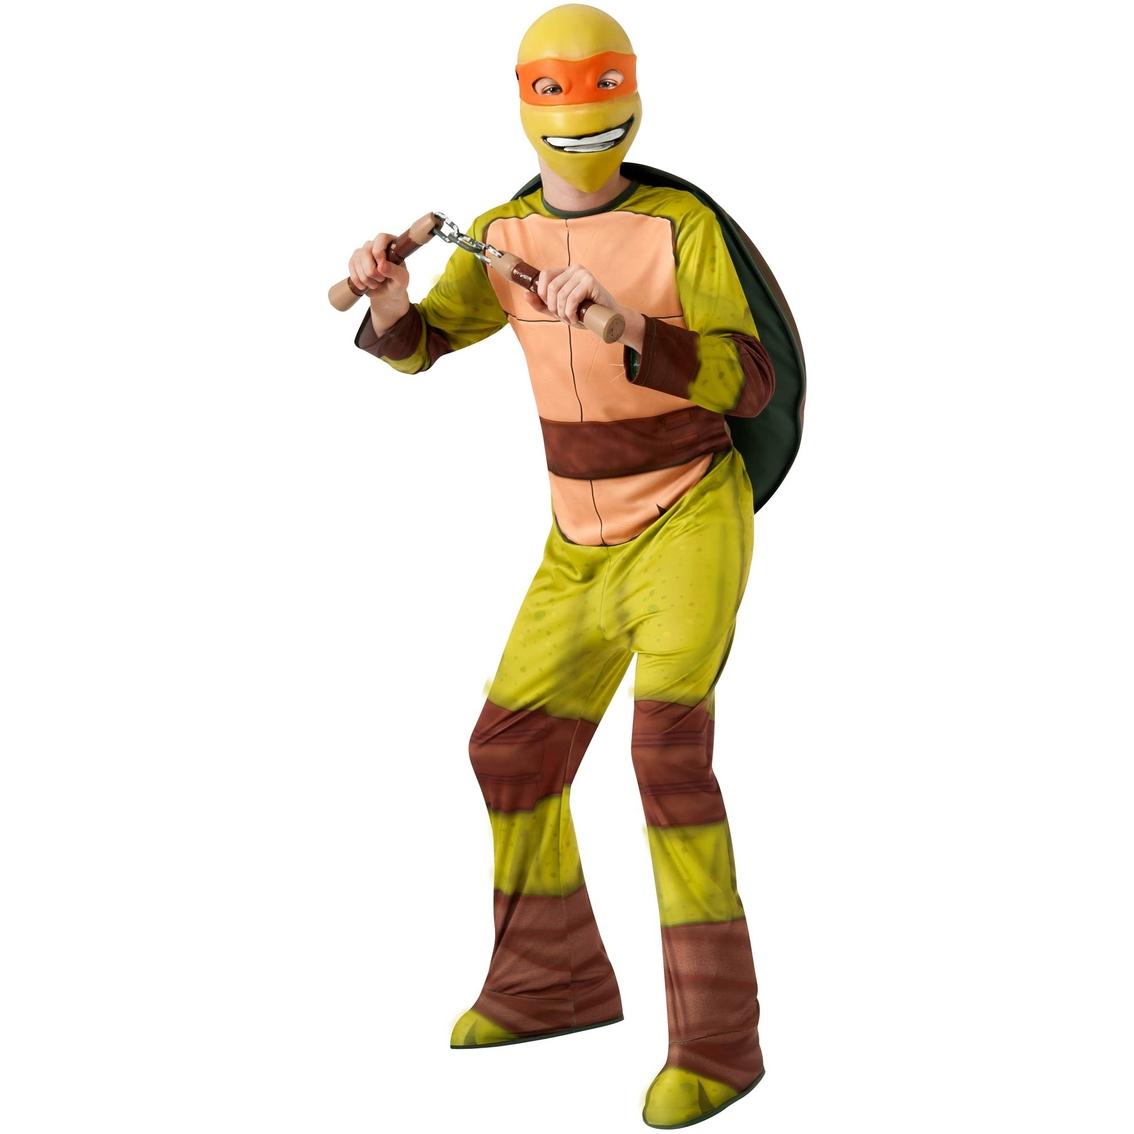 b2aa493d781 Rubie's Costume Boys Michelangelo Teenage Mutant Ninja Turtle ...